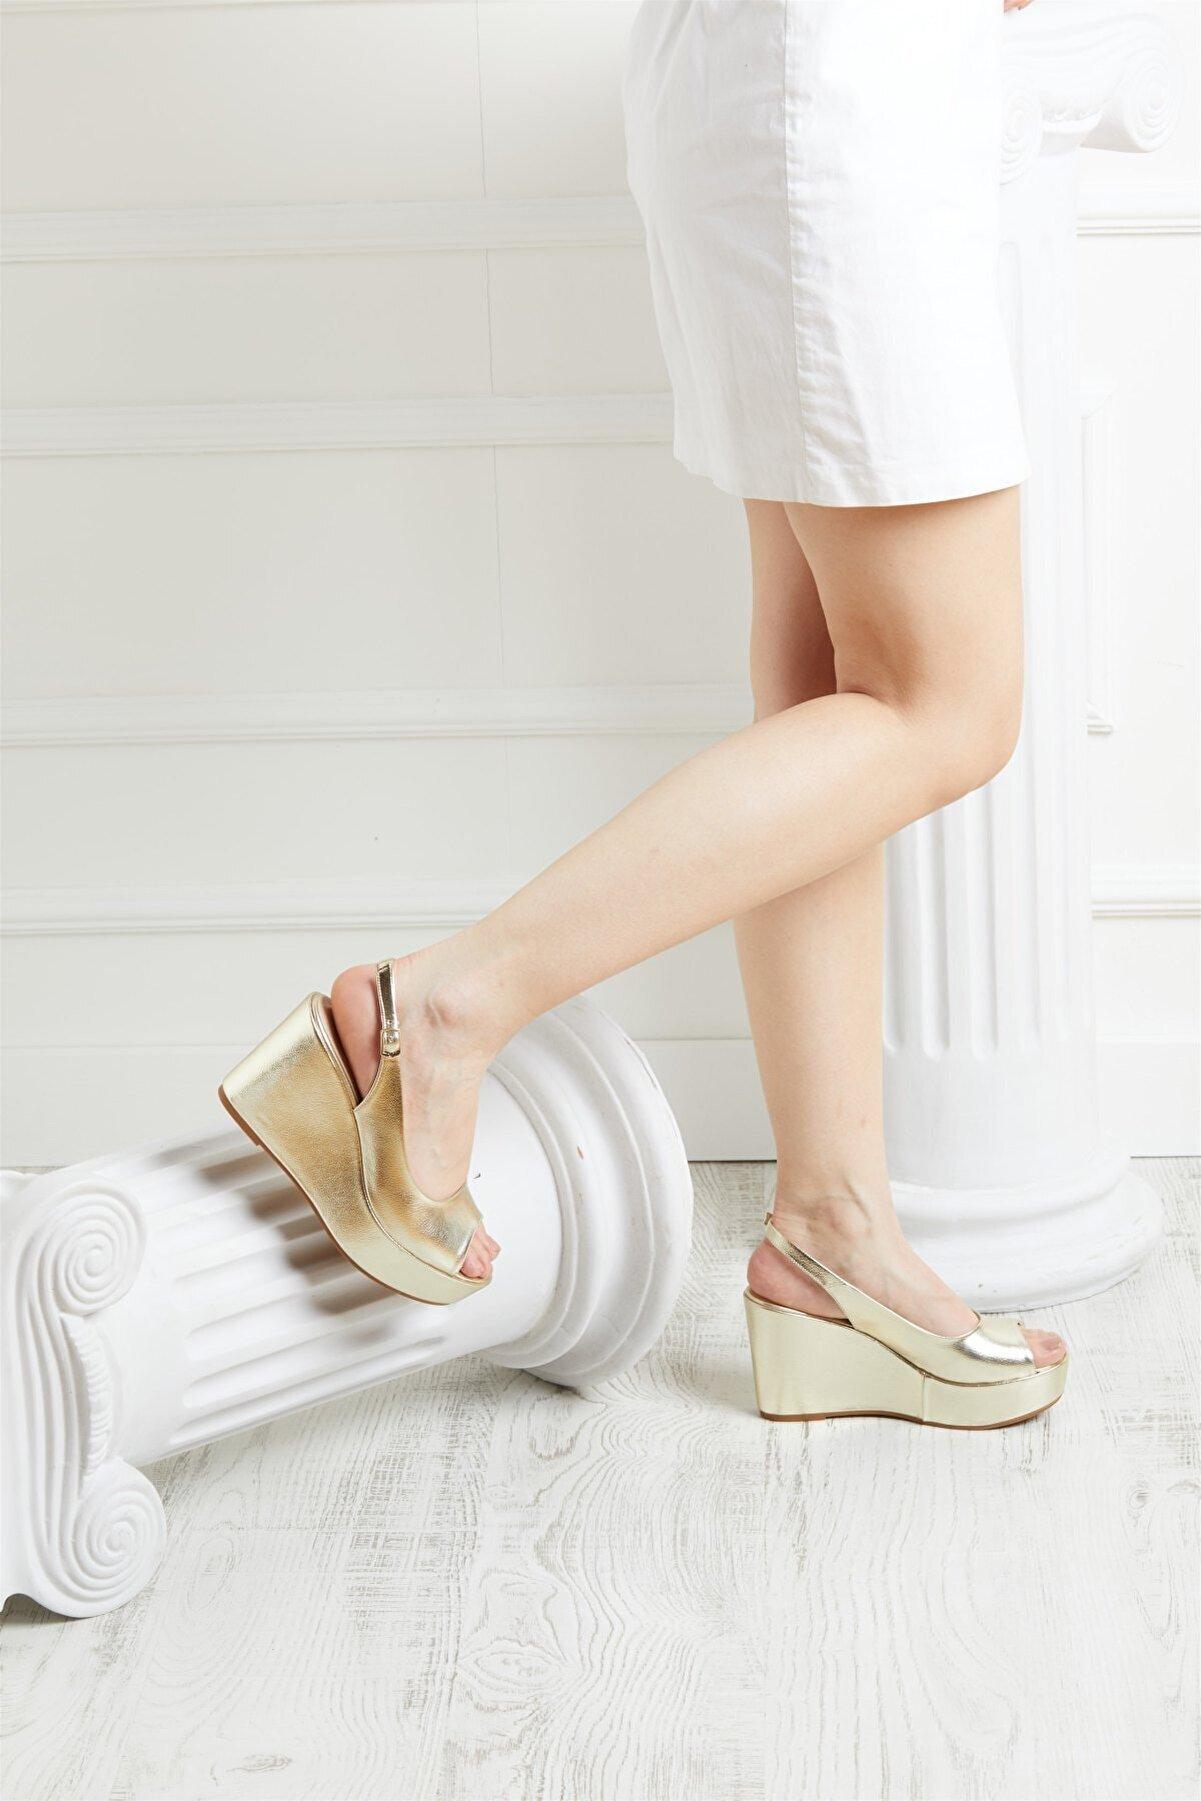 MİNAMİRA Kadın Gold Kırık Rugan Kadın Dolgu Topuklu Ayakkabı